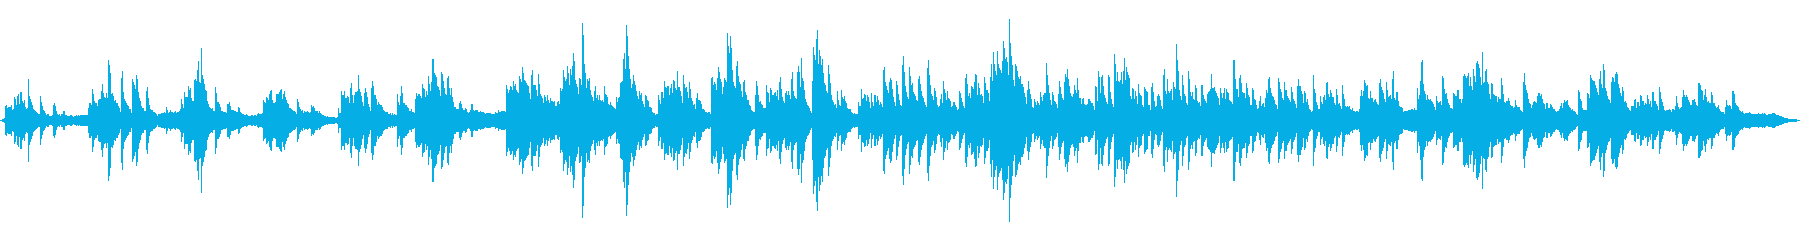 ピアノと波音の再生済みの波形